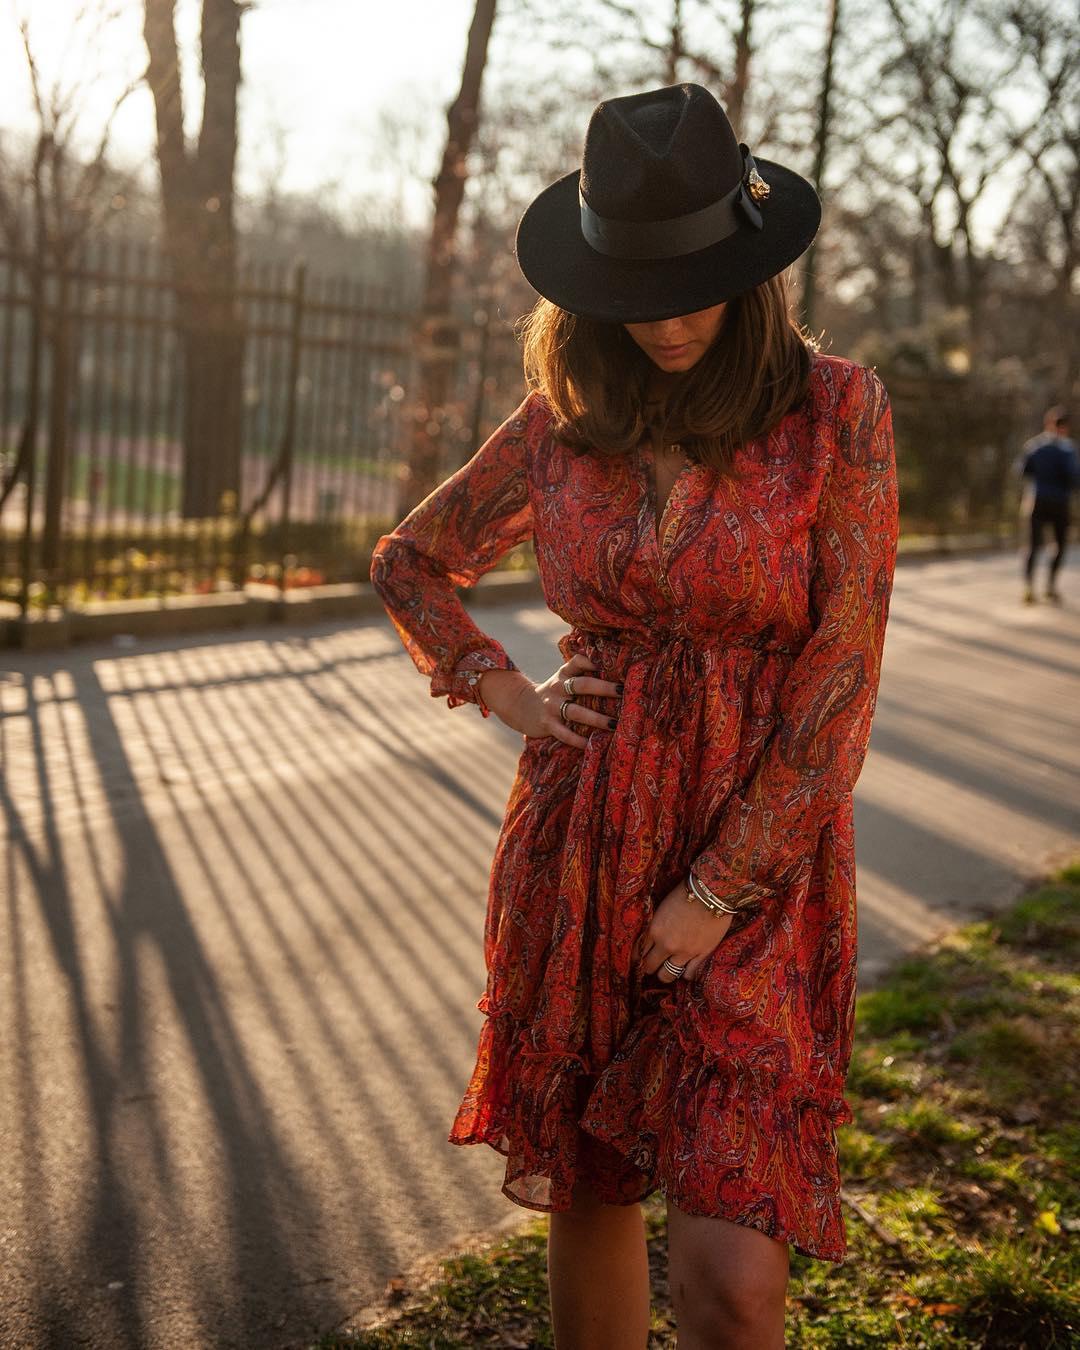 robe imprimé cachemire de Les Bourgeoises sur aureliexcasteels